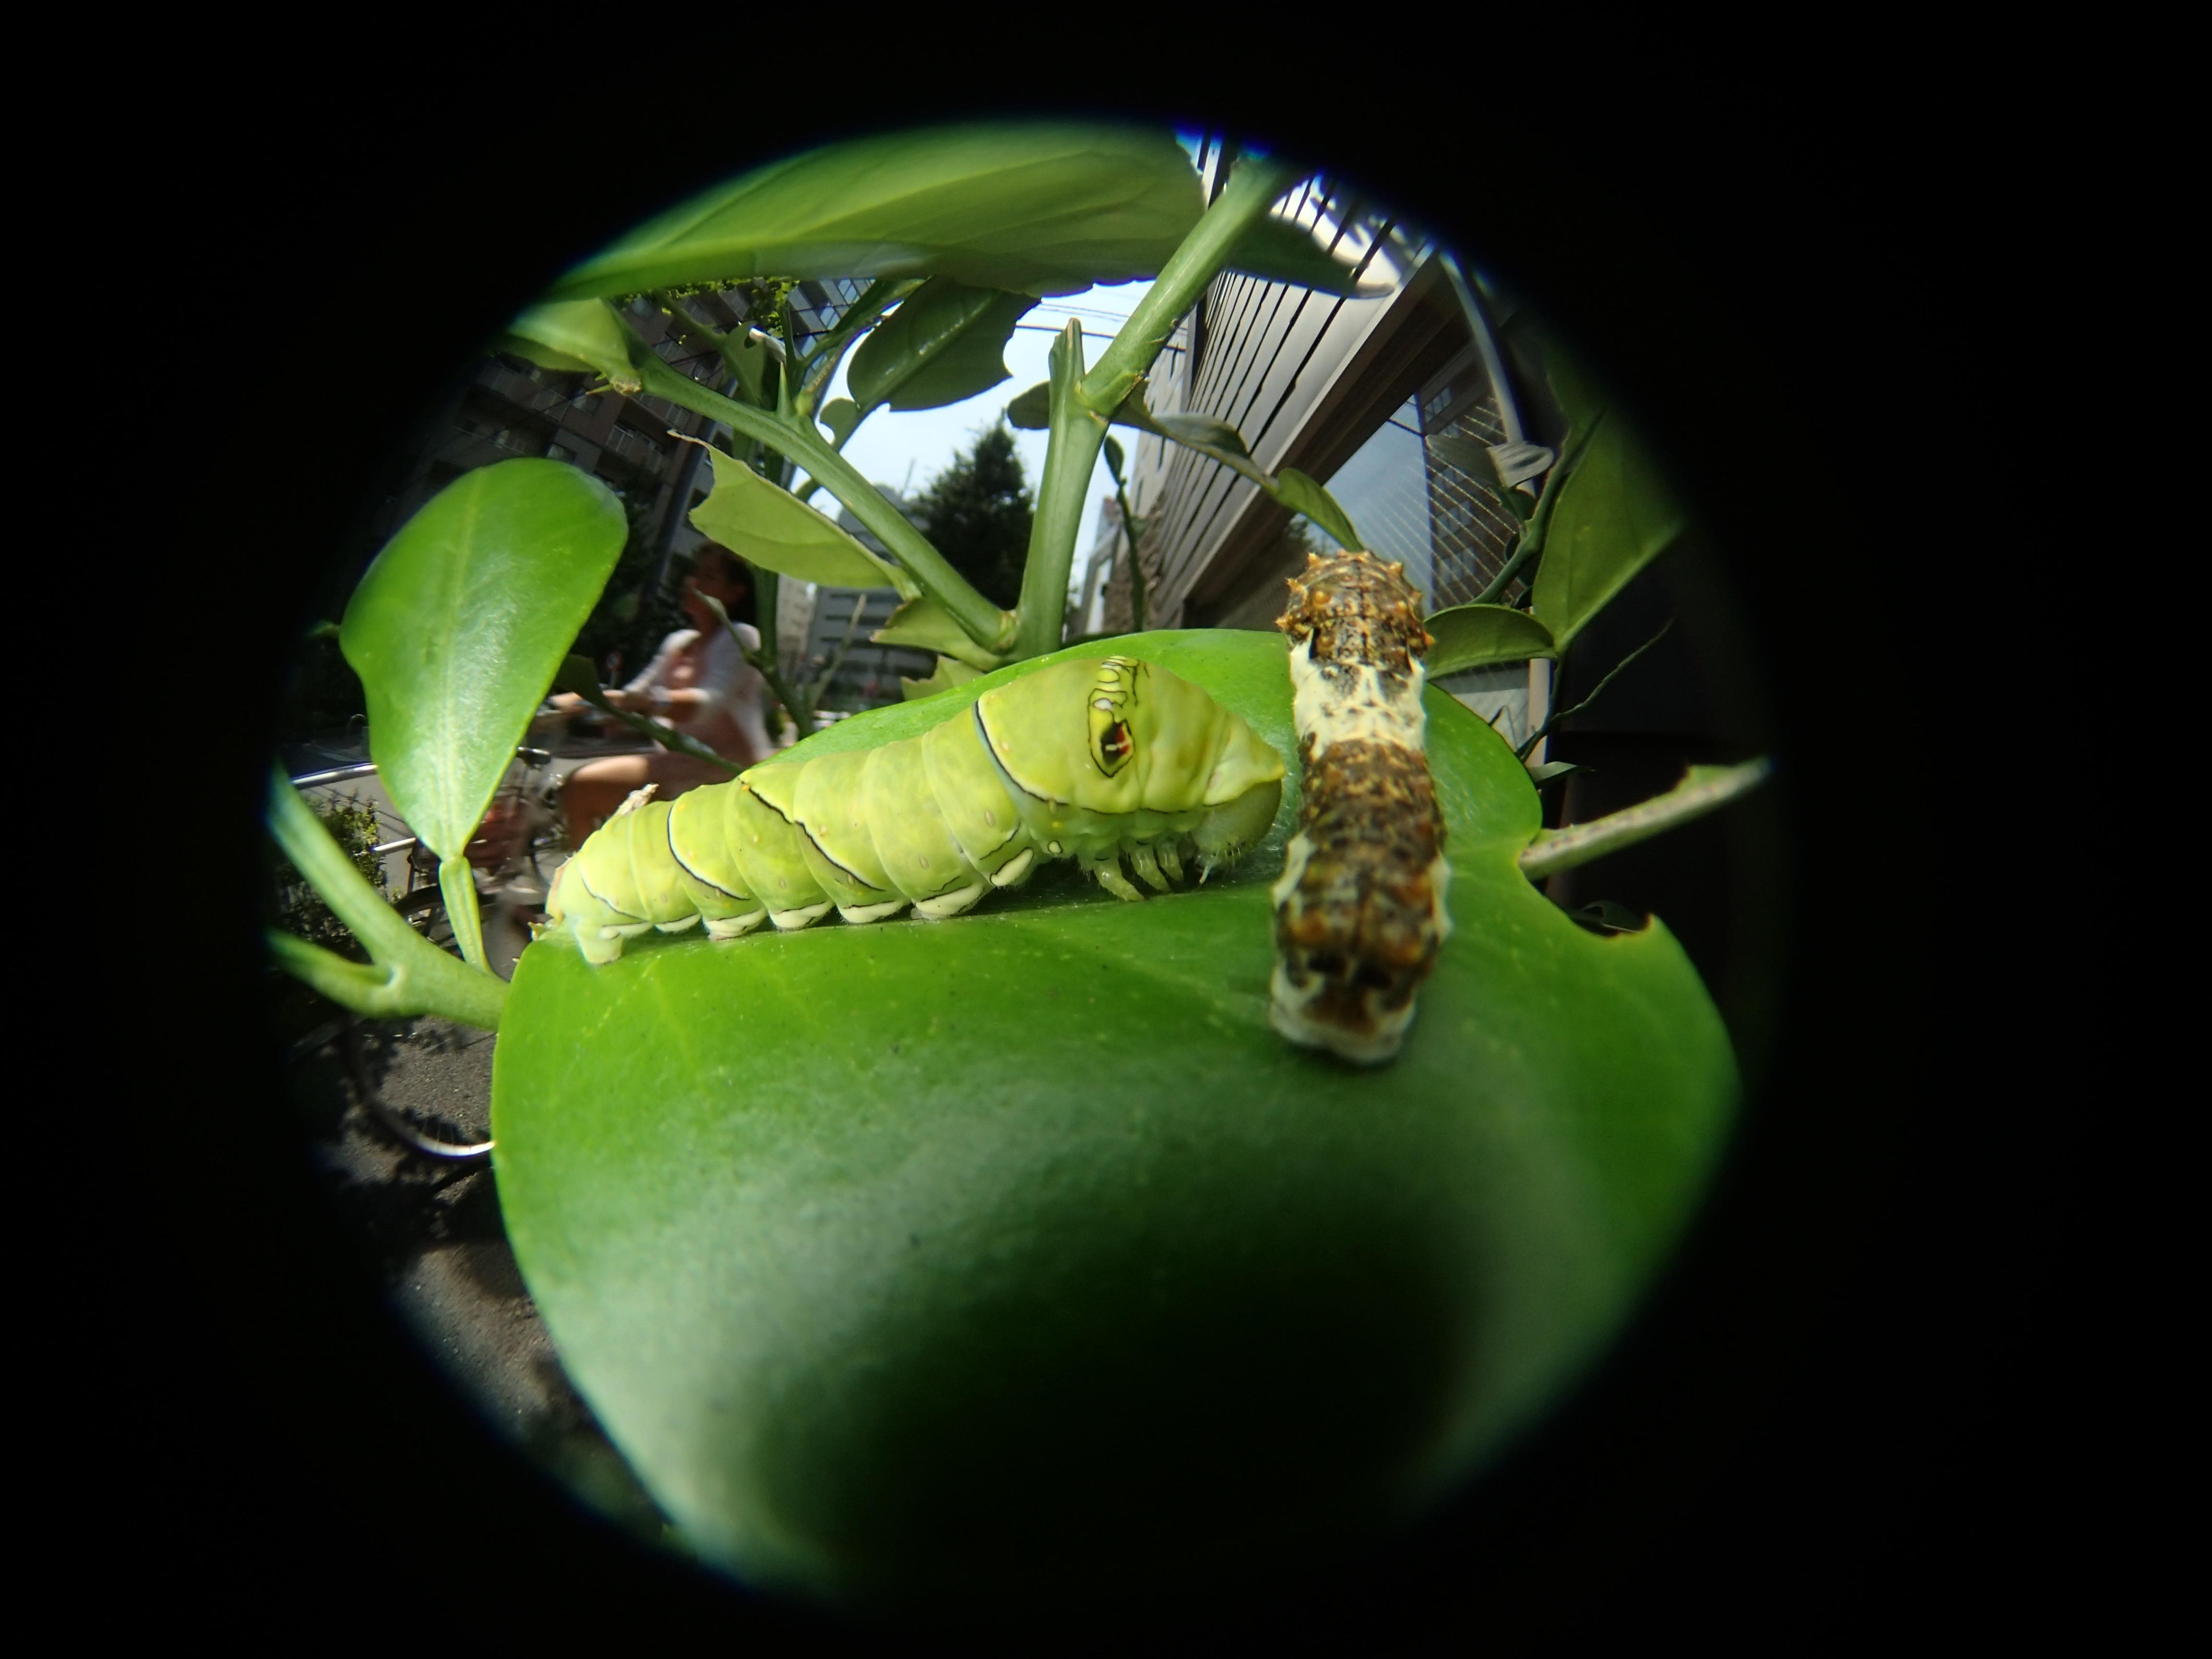 ミカンの葉にイモムシが2匹止まっている。模様は違うが両方ともアゲハチョウの幼虫だ。右の「四齢幼虫」は鳥のフンに擬態しており、脱皮すると左のような緑色の「終齢幼虫」になる。昆虫の擬態は捕食者である鳥の目を欺くためのものだが、これを写実絵画の起源だと見ることもできる